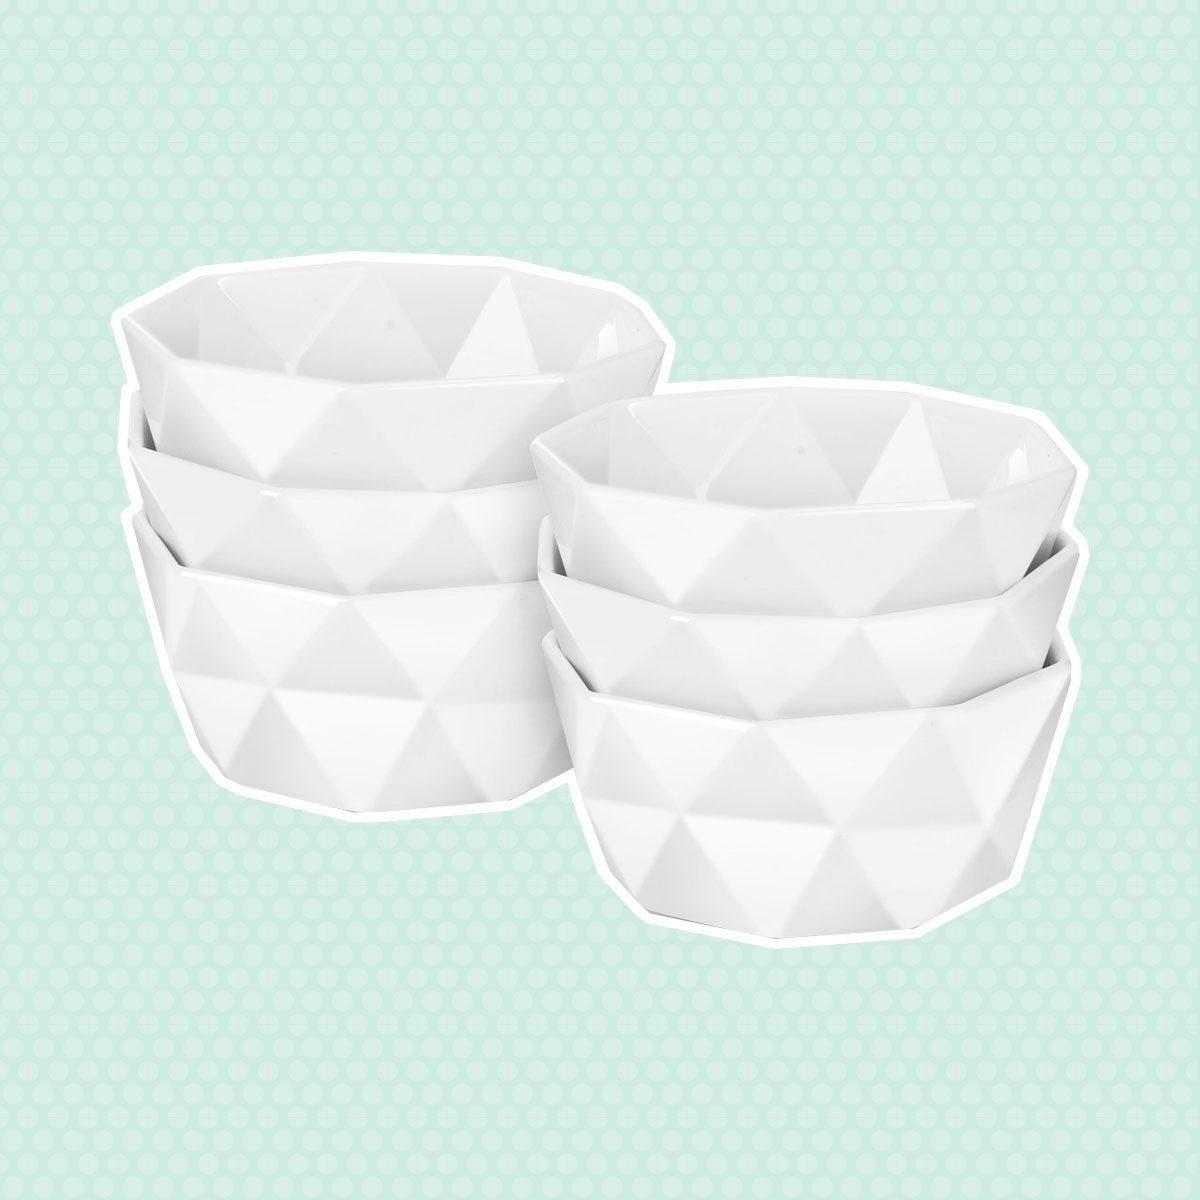 Delling Geometric Porcelain Bowls